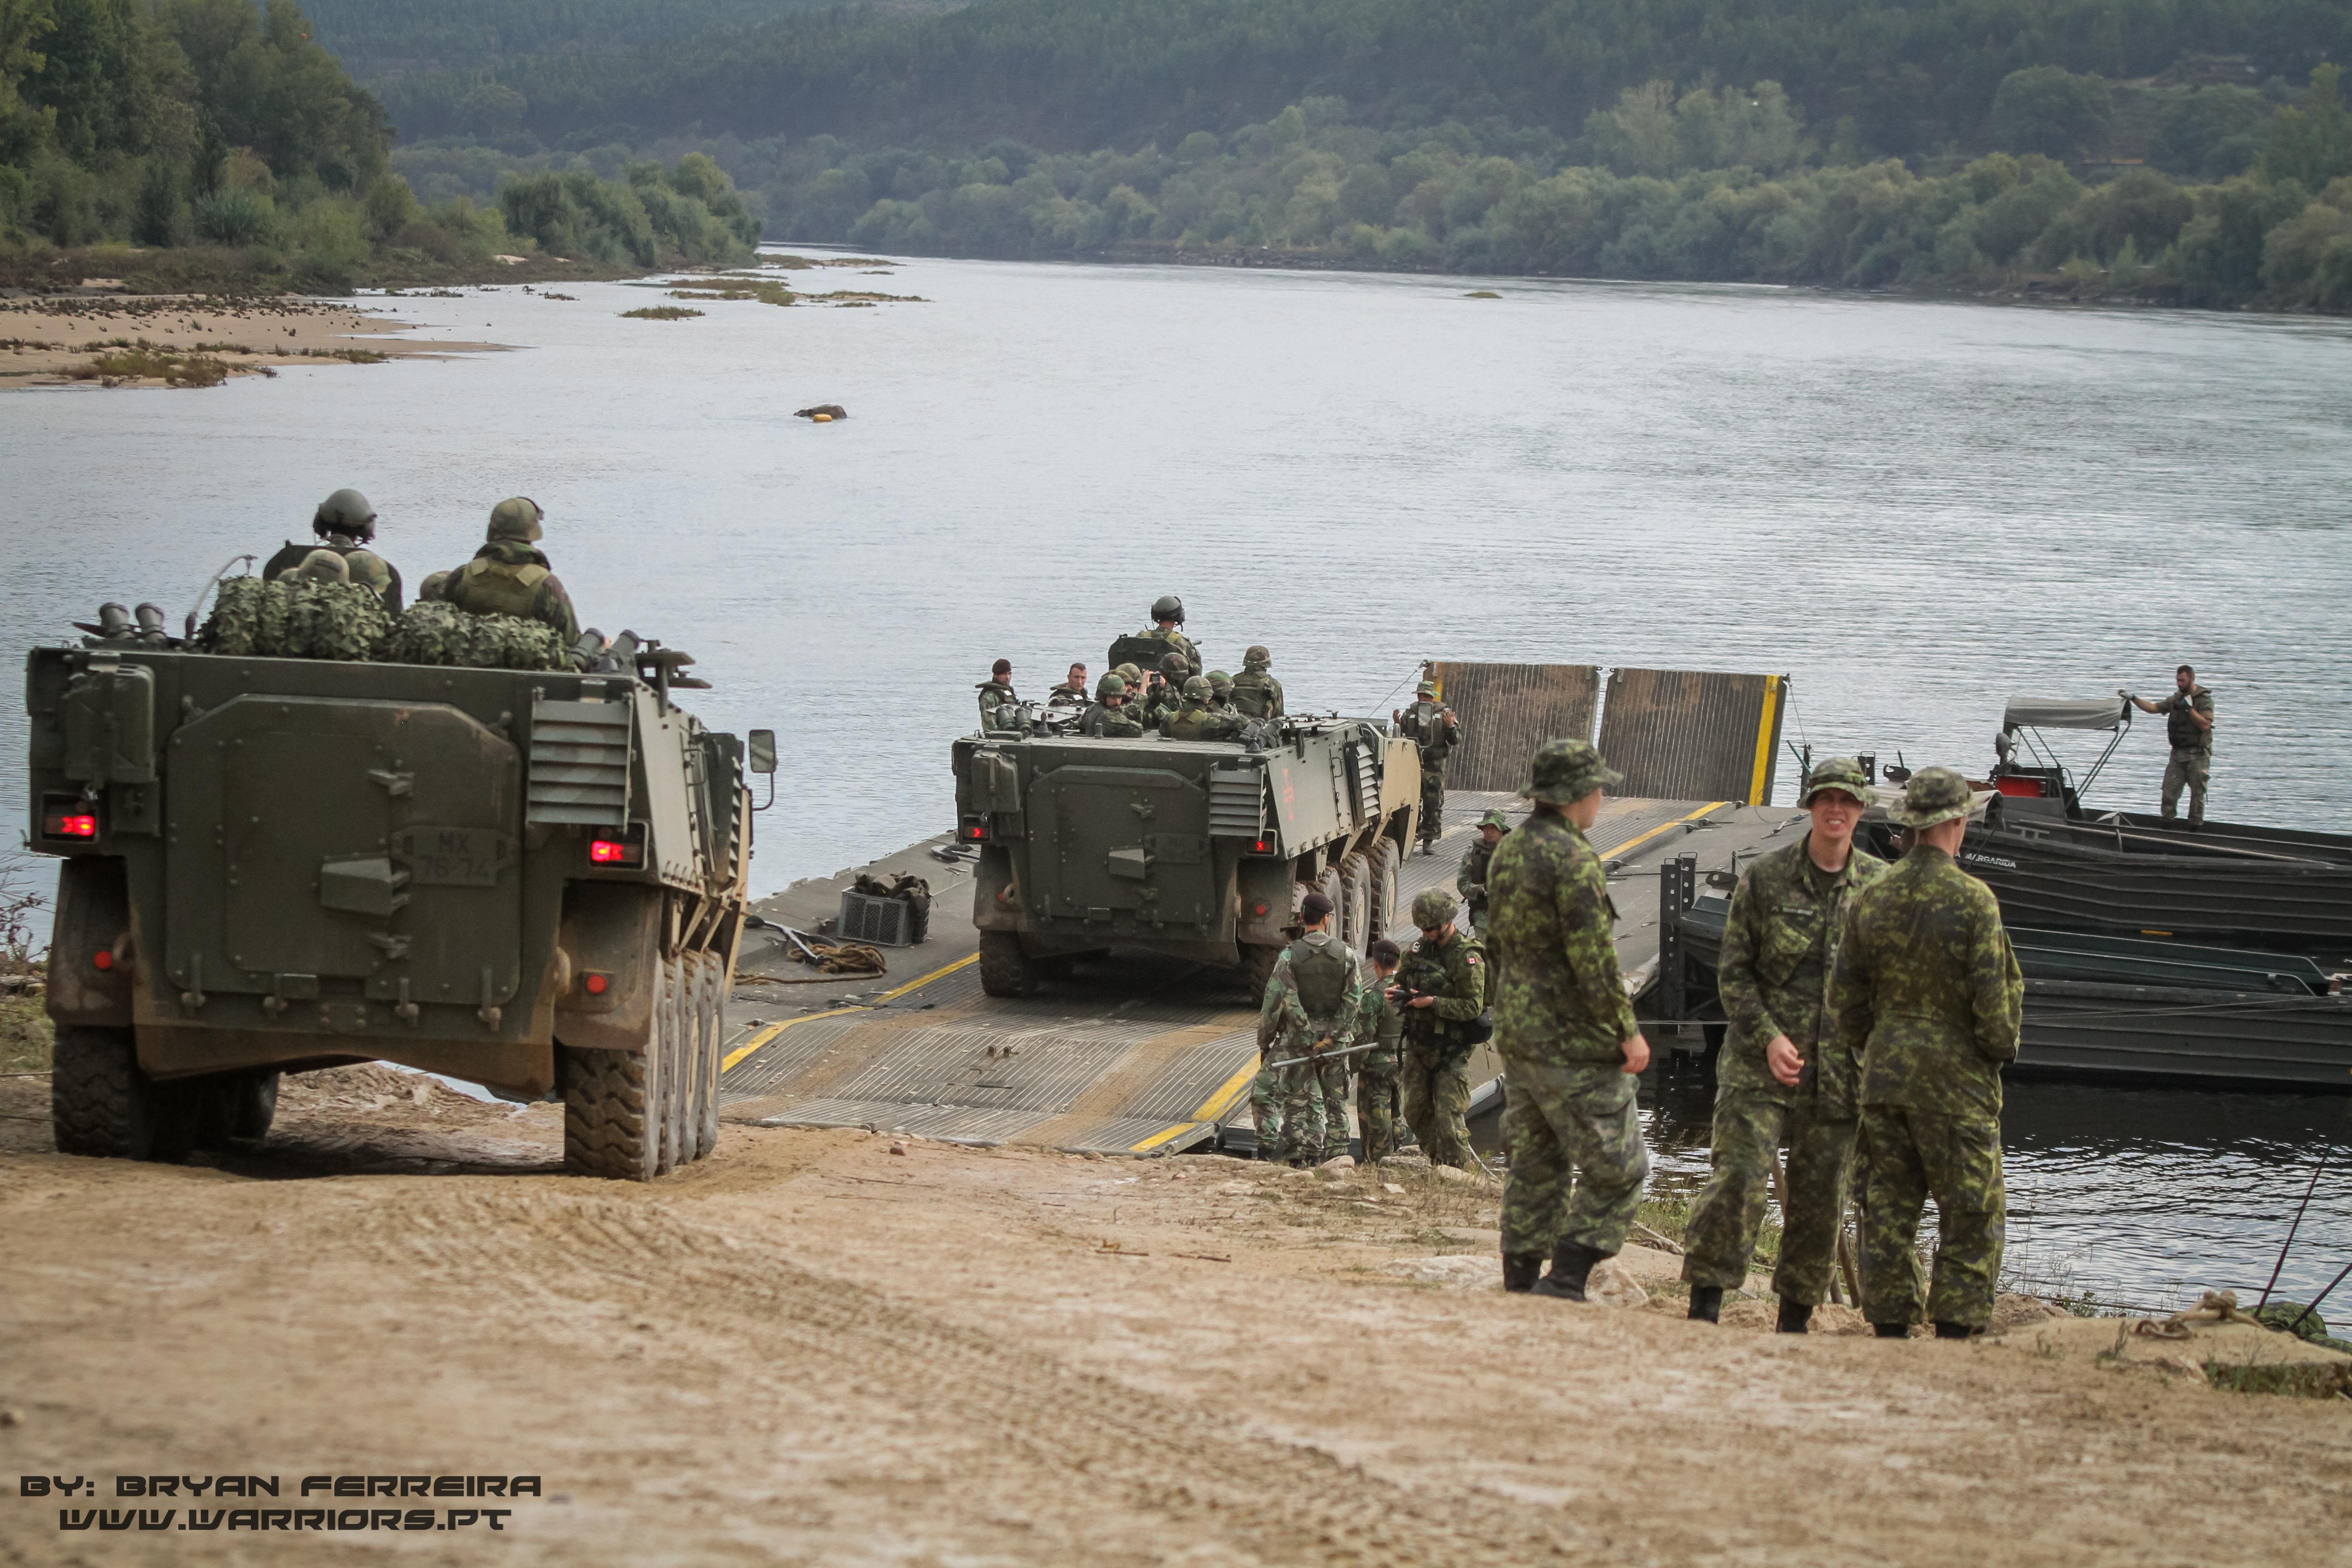 Duas PANDUR 8x8 preparam-se para atravessar o Rio Teja usando pontes flutoantes Portuguesas